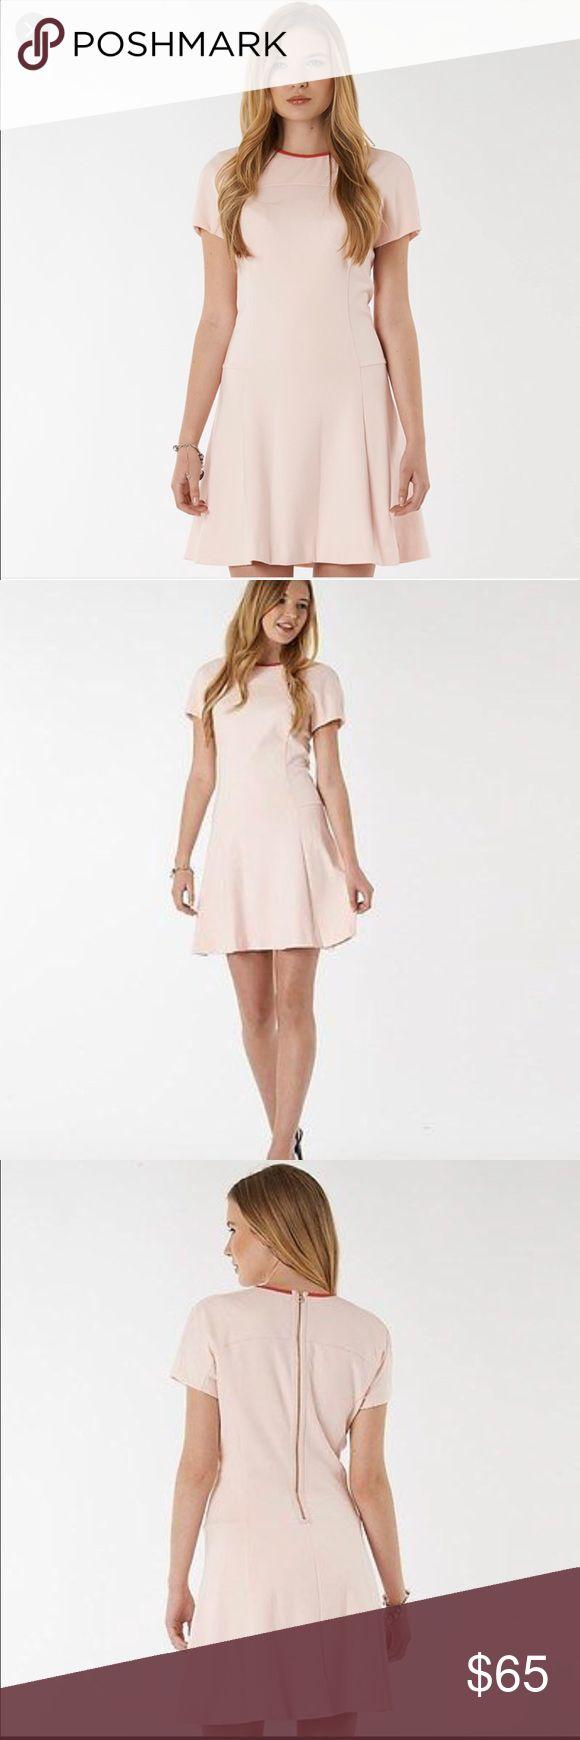 Ted baker pink skater dress rose gold zipper new